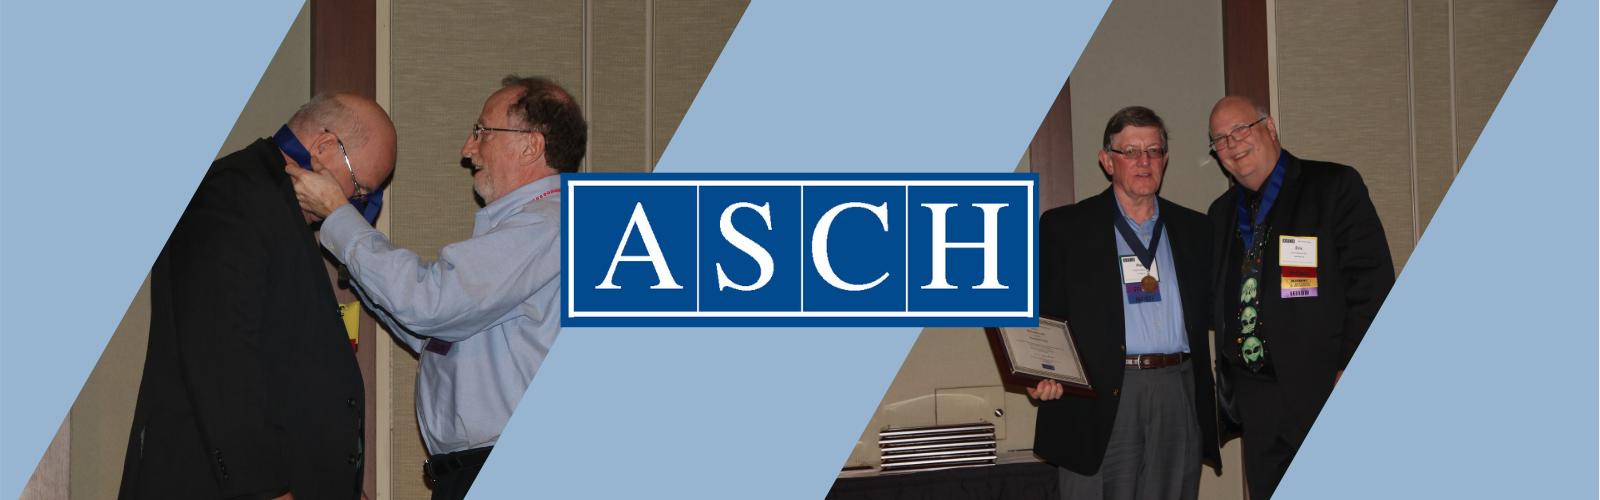 Asch 1